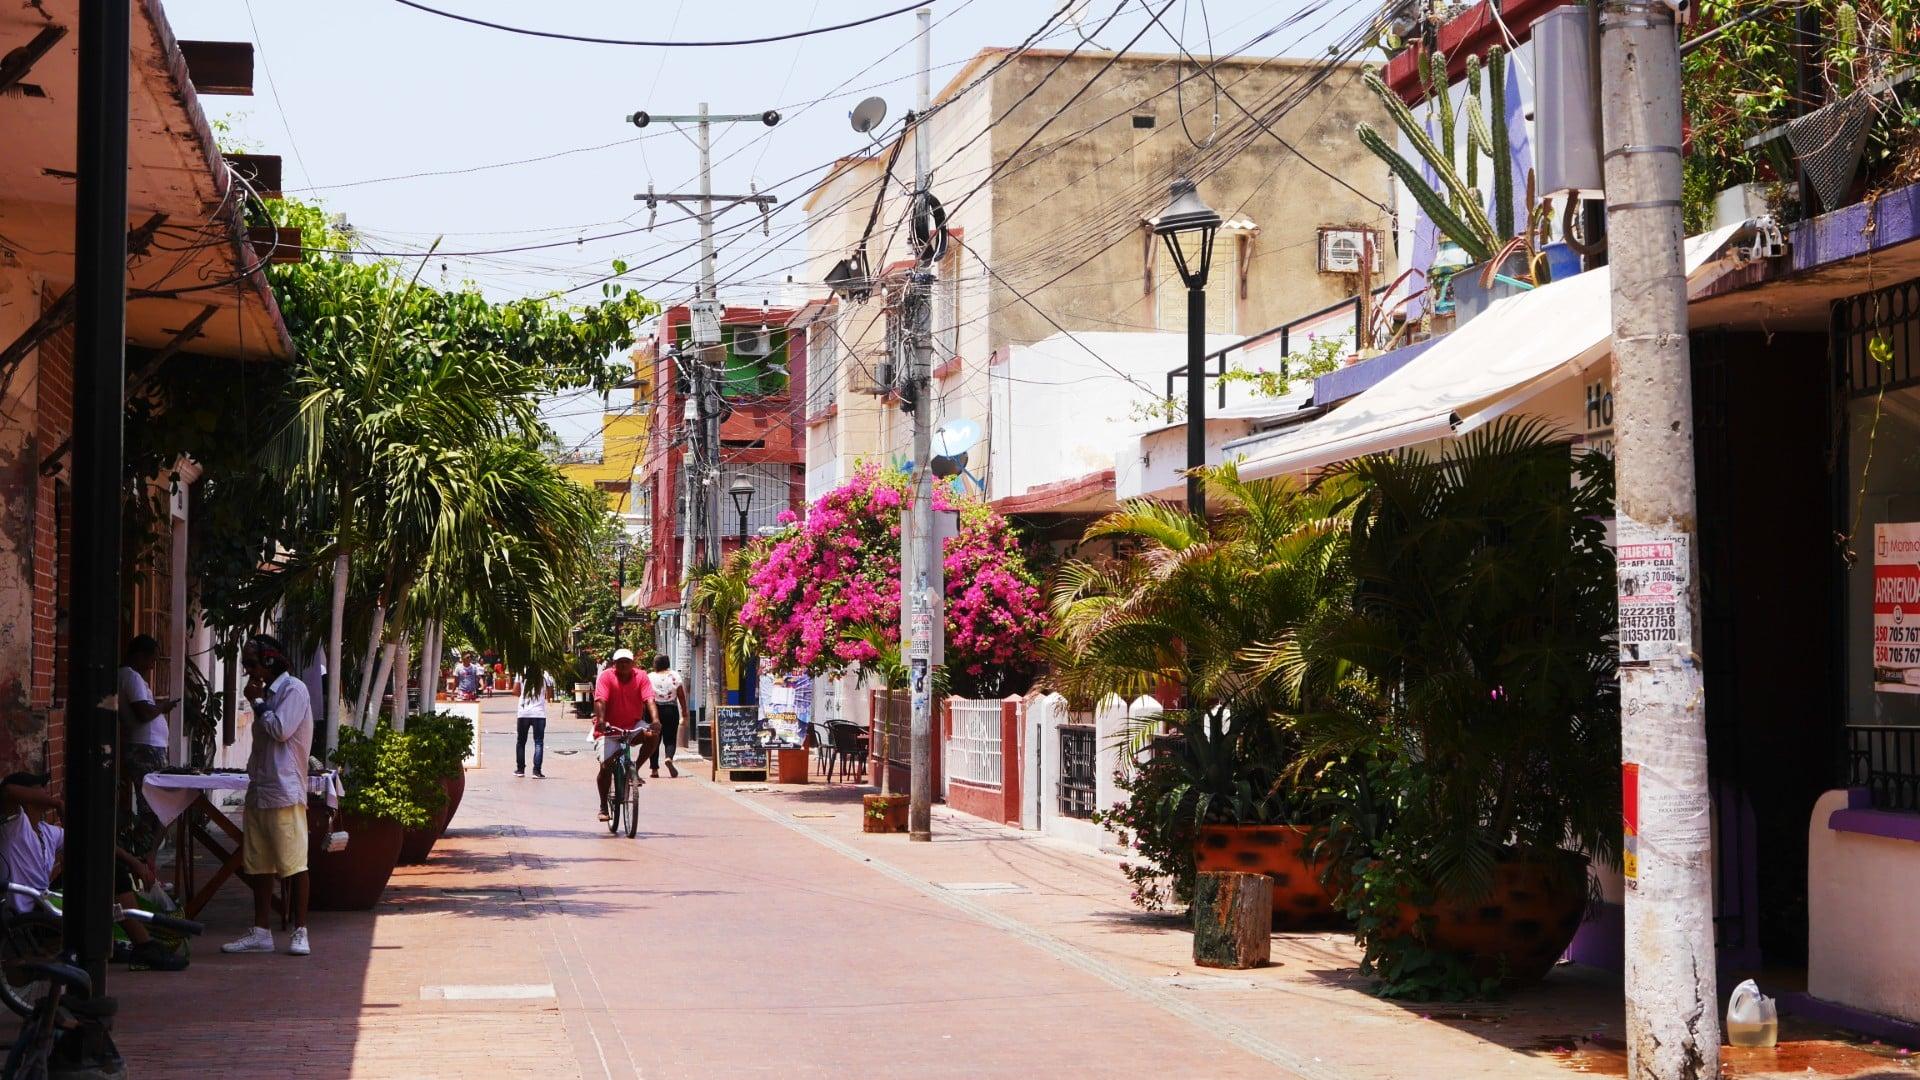 Centro Histórico - Atractivos de Santa Marta, Colombia